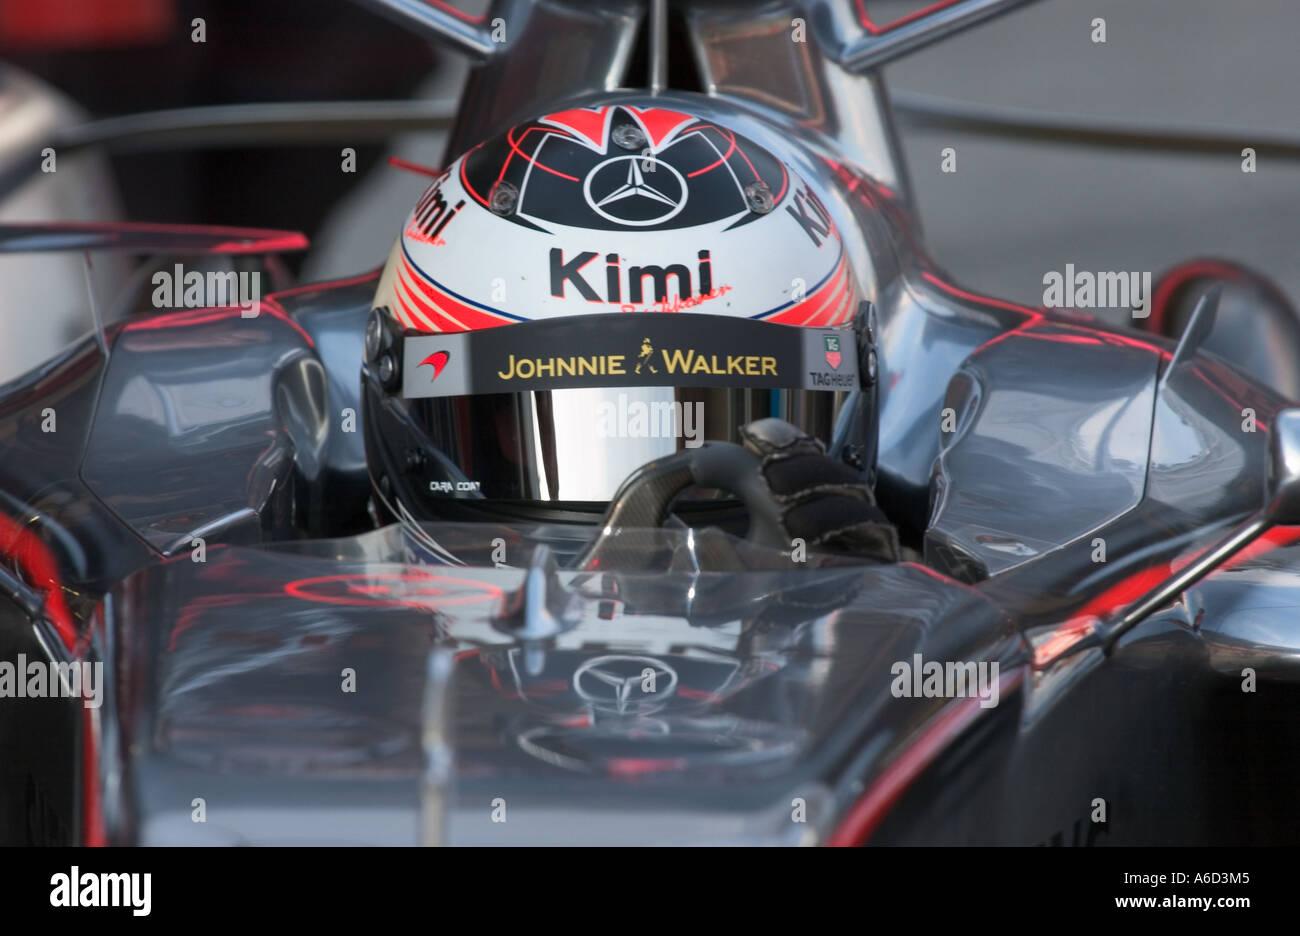 pilote de formule 1 kimi raikkonen fin dans sa voiture de course mclaren mercedes sur le circuit. Black Bedroom Furniture Sets. Home Design Ideas